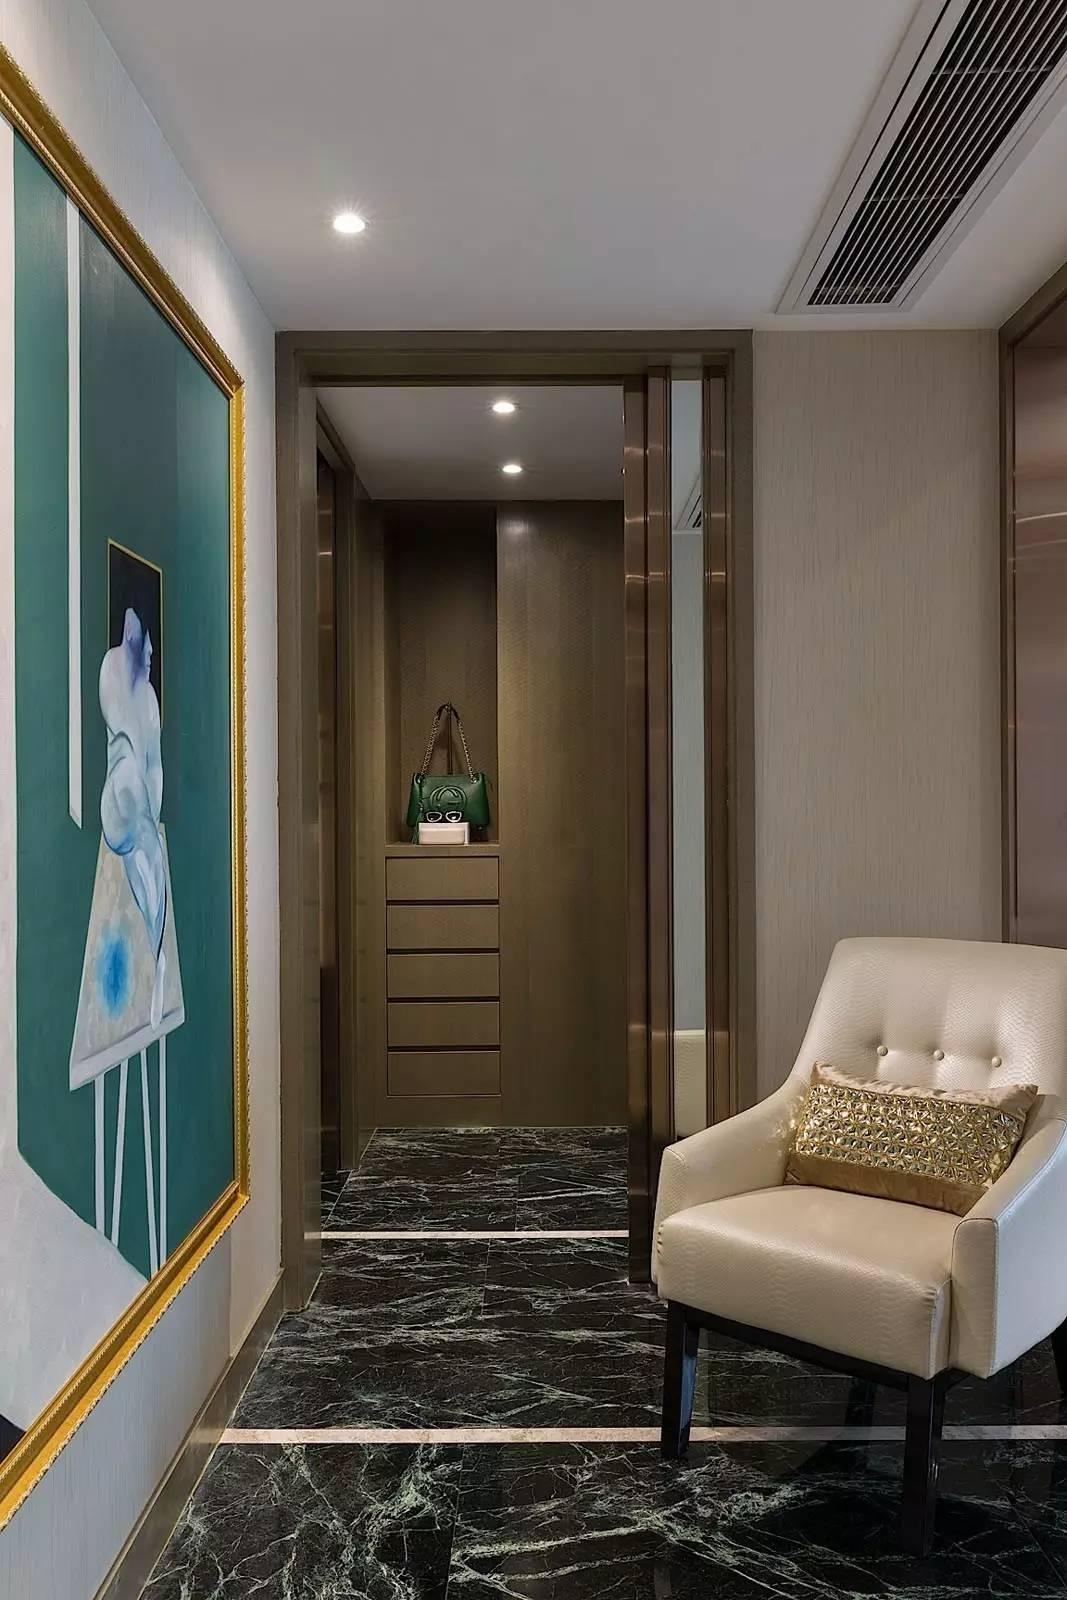 住宅设计 | 解构东方符号, 尽显至简之美_室内设计秀